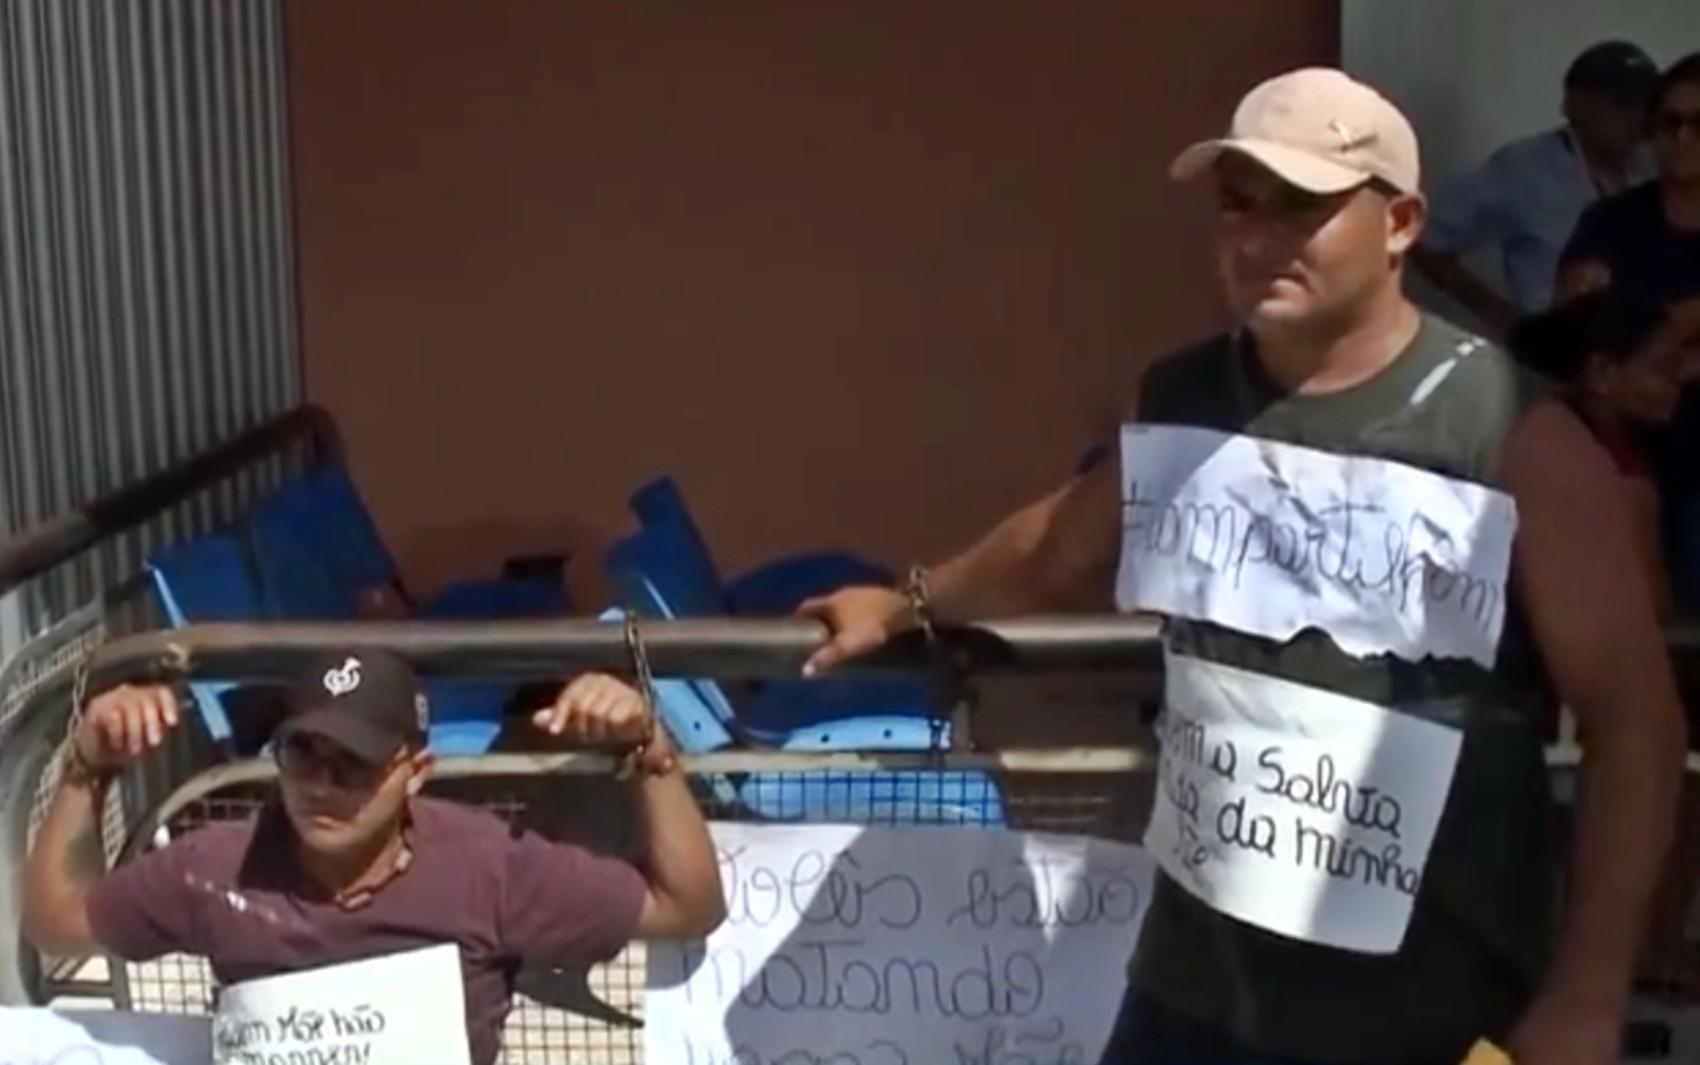 Irmãos se acorrentam em frente a hospital para exigir tratamento de mãe com diabetes, na PB - Notícias - Plantão Diário